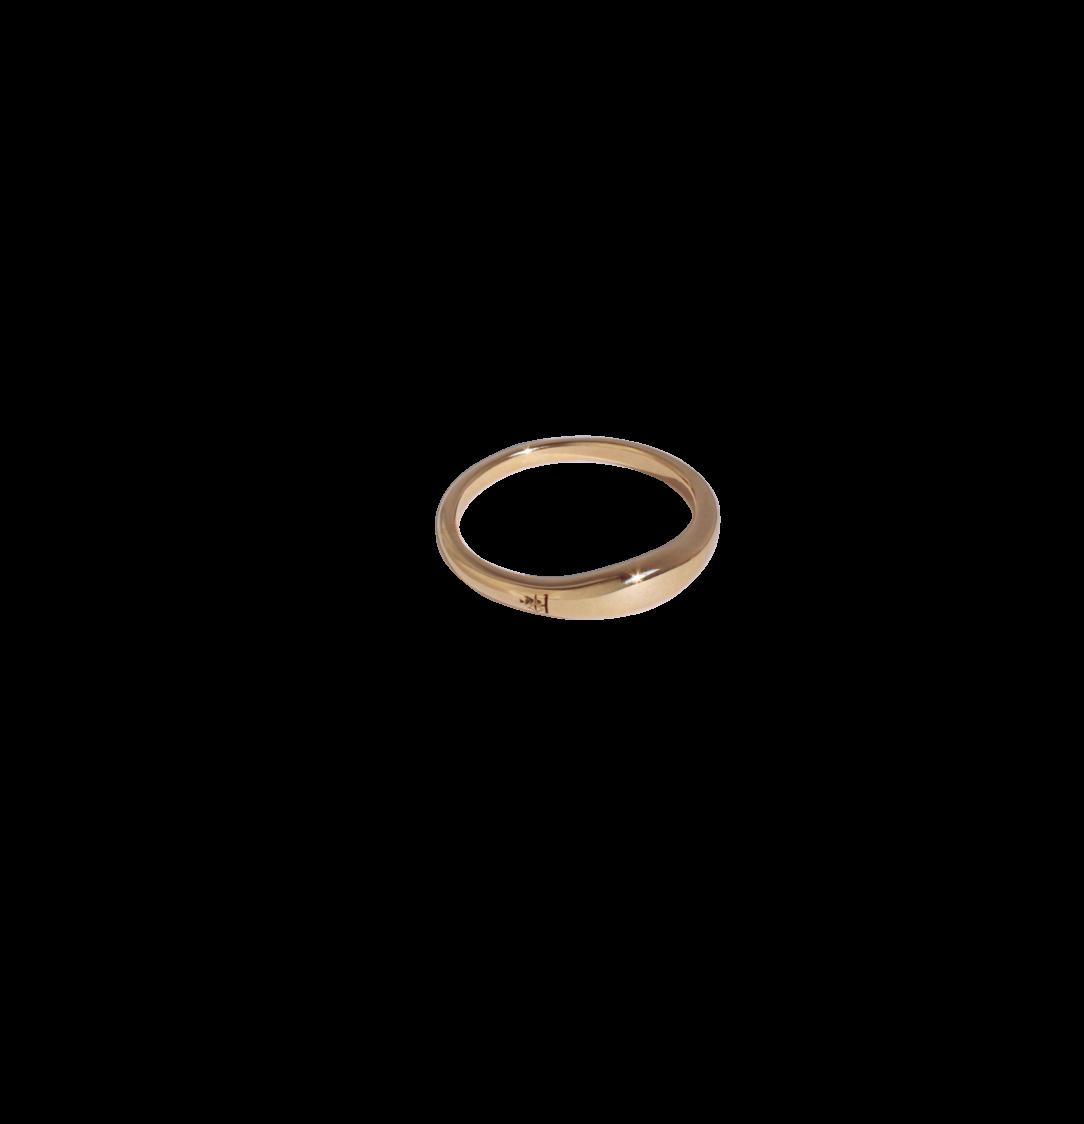 Dieser vergoldete Ring ist Tinas Daumenring 1:1 nachempfunden.